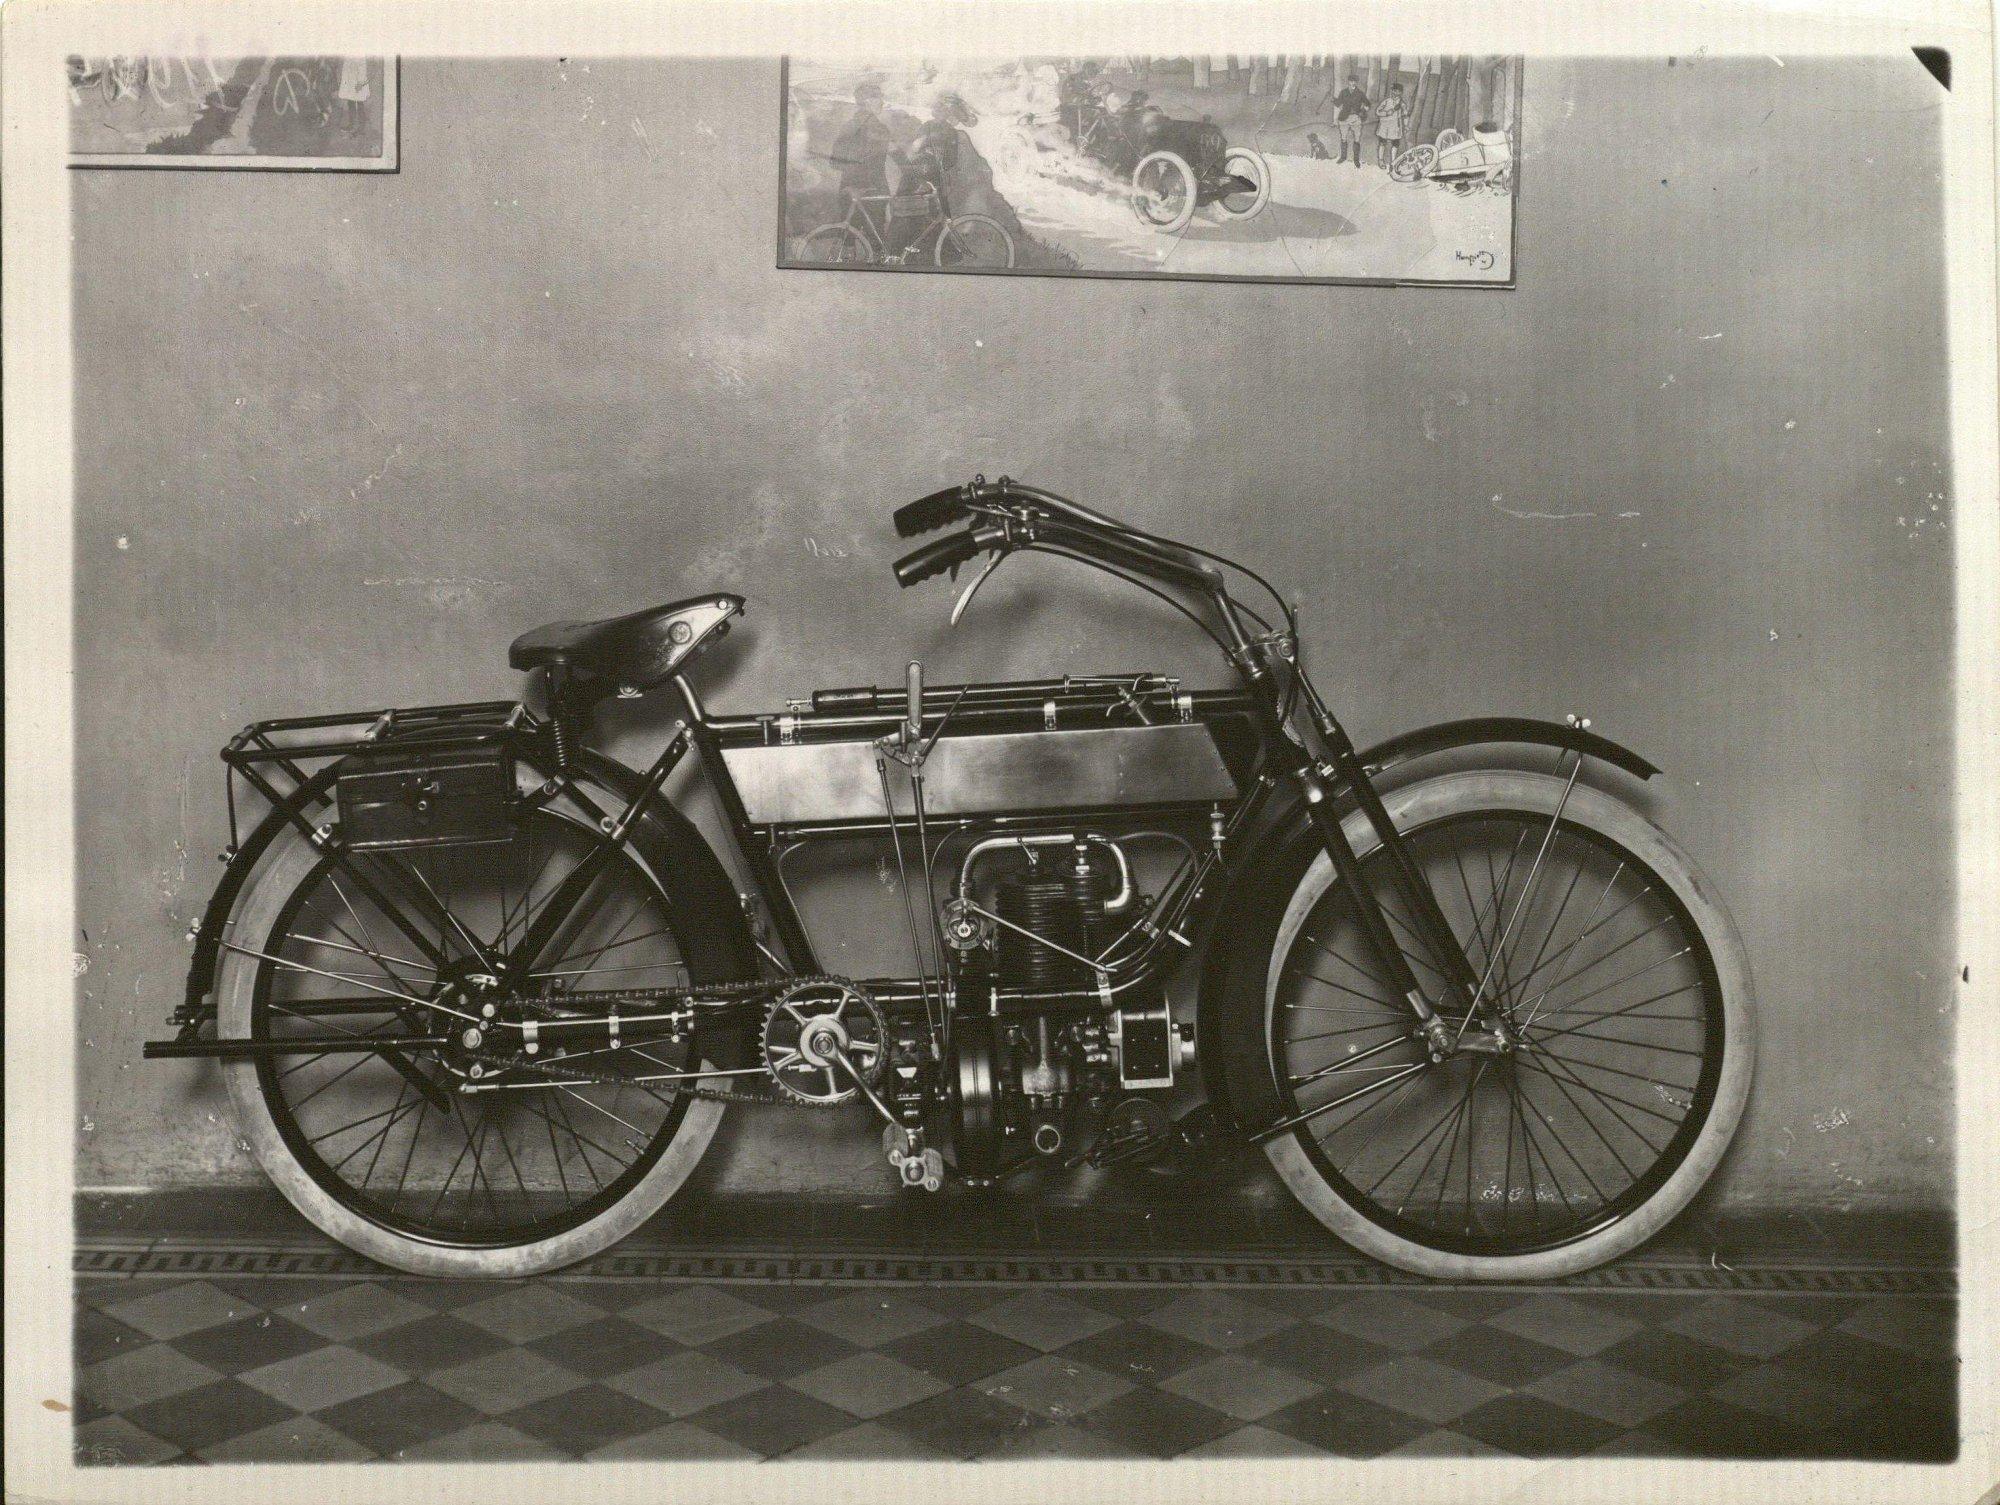 1912. Мотоциклет «Индиан» (вид с боку), продаваемый Торговым домом «Победа» фирмы Н.В.Соколова и Ко.